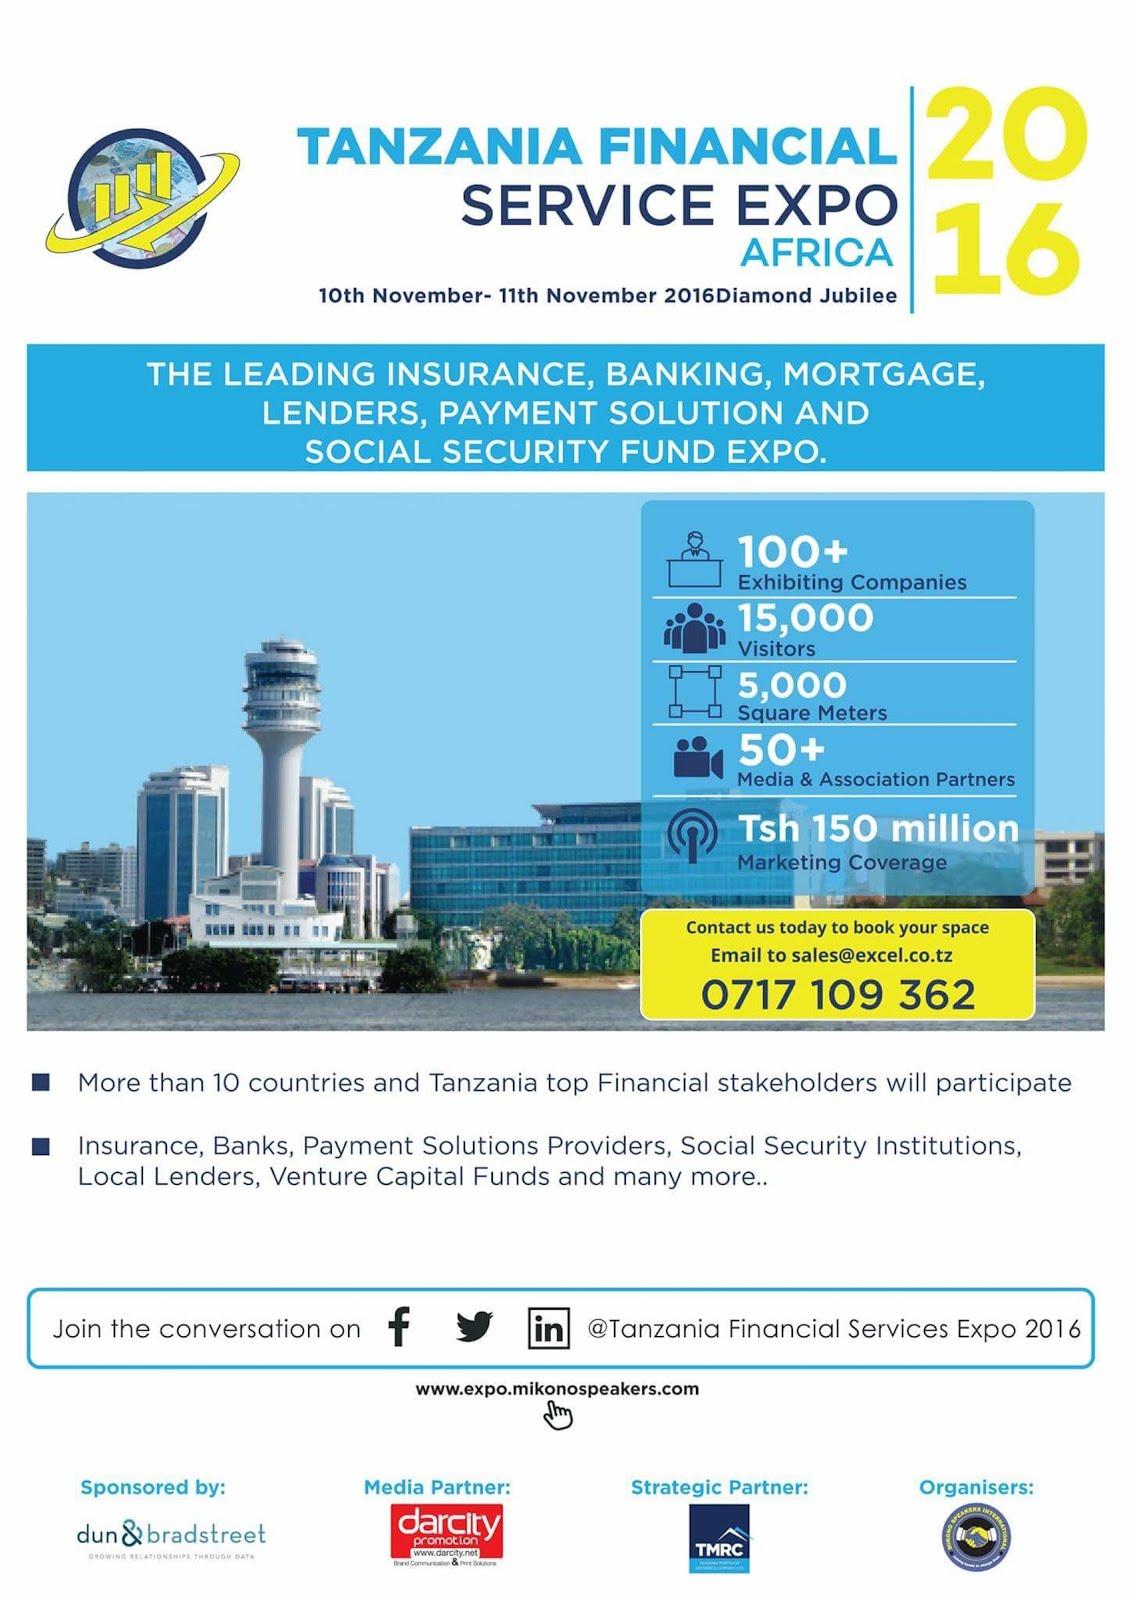 TANZANIA FINANCIAL SERVICES EXPO. 10-11 NOVEMBER 2016